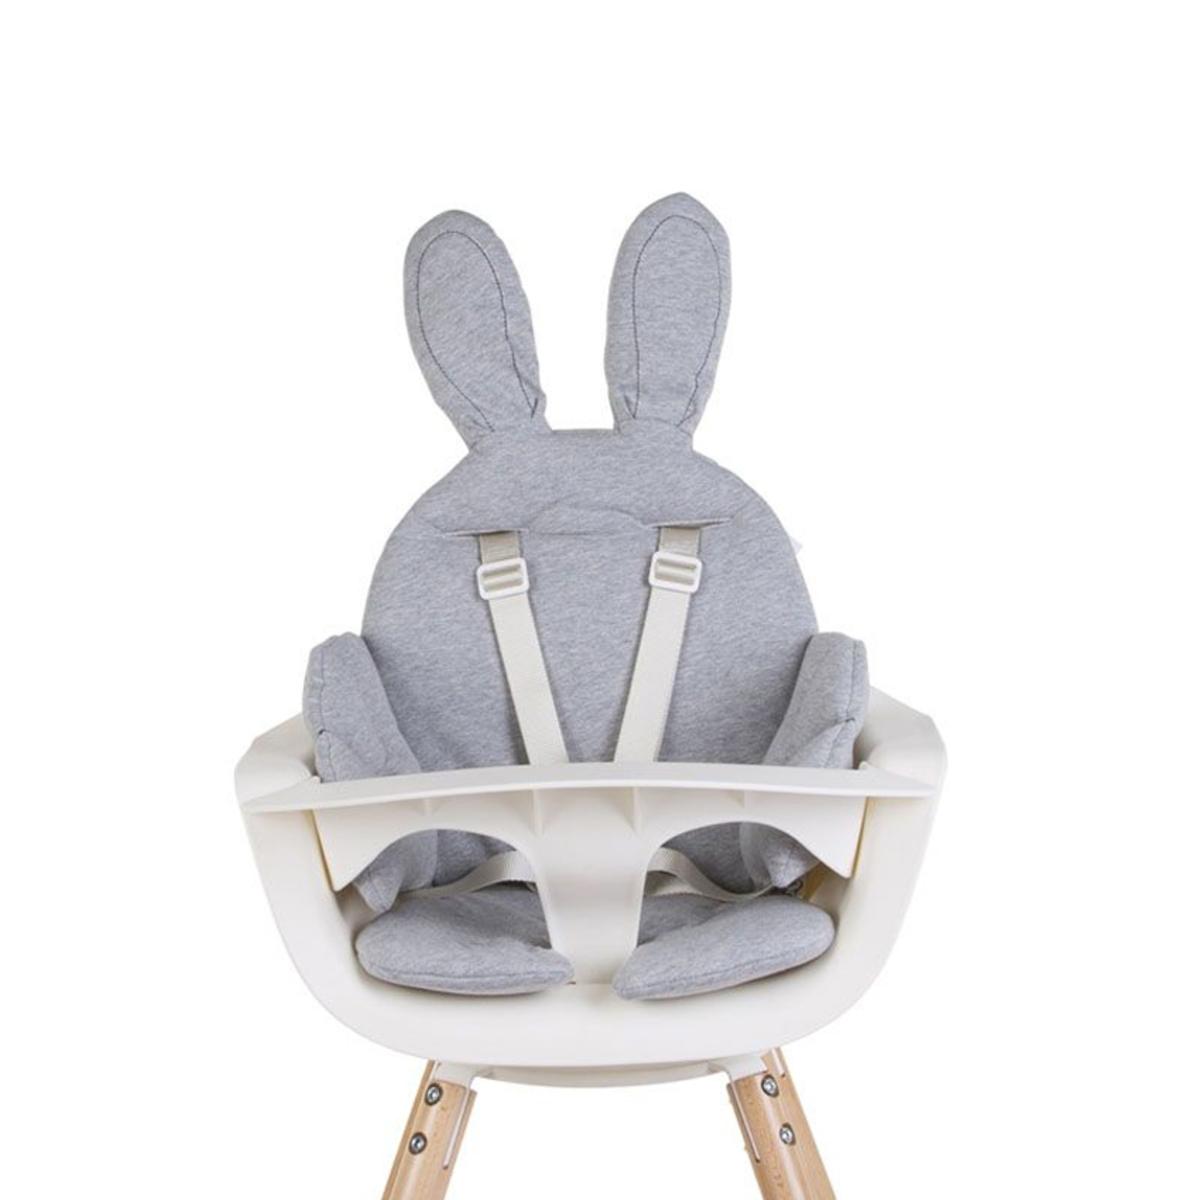 Chaise haute Coussin de Chaise Rabbit Jersey - Gris Coussin de Chaise Rabbit Jersey - Gris